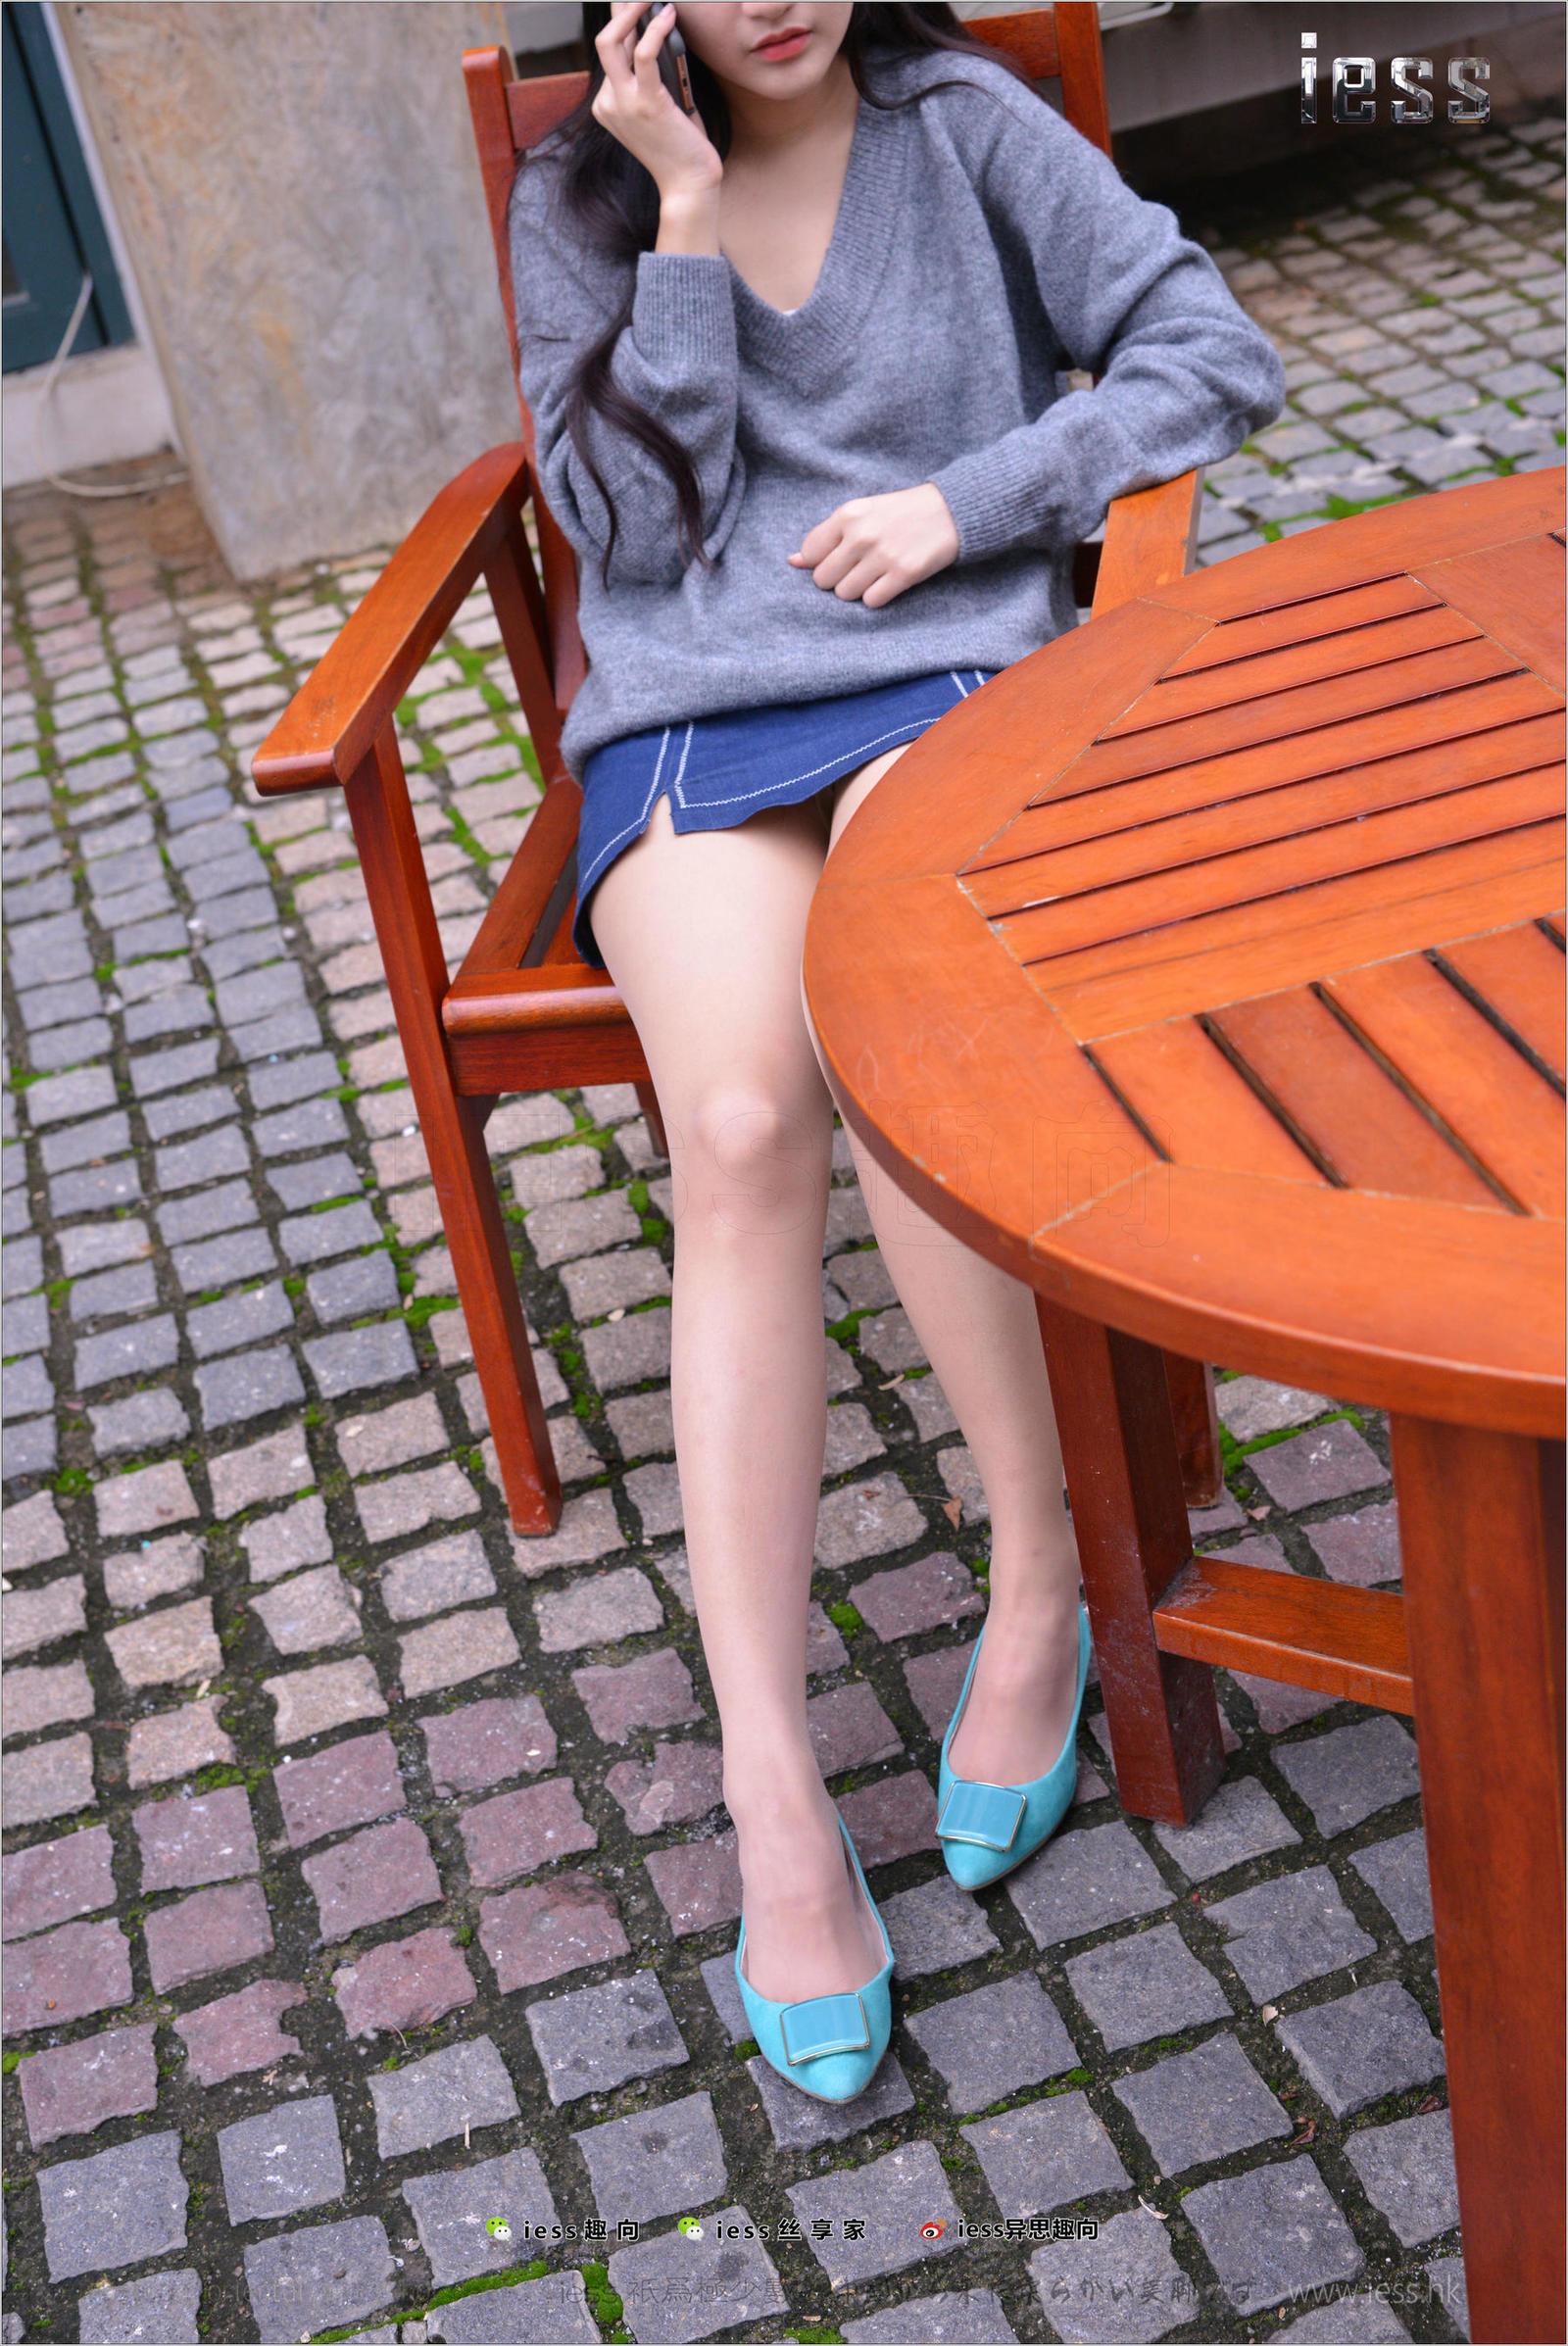 诗琪 《蓝色小平跟》双十一特辑  丝足写真